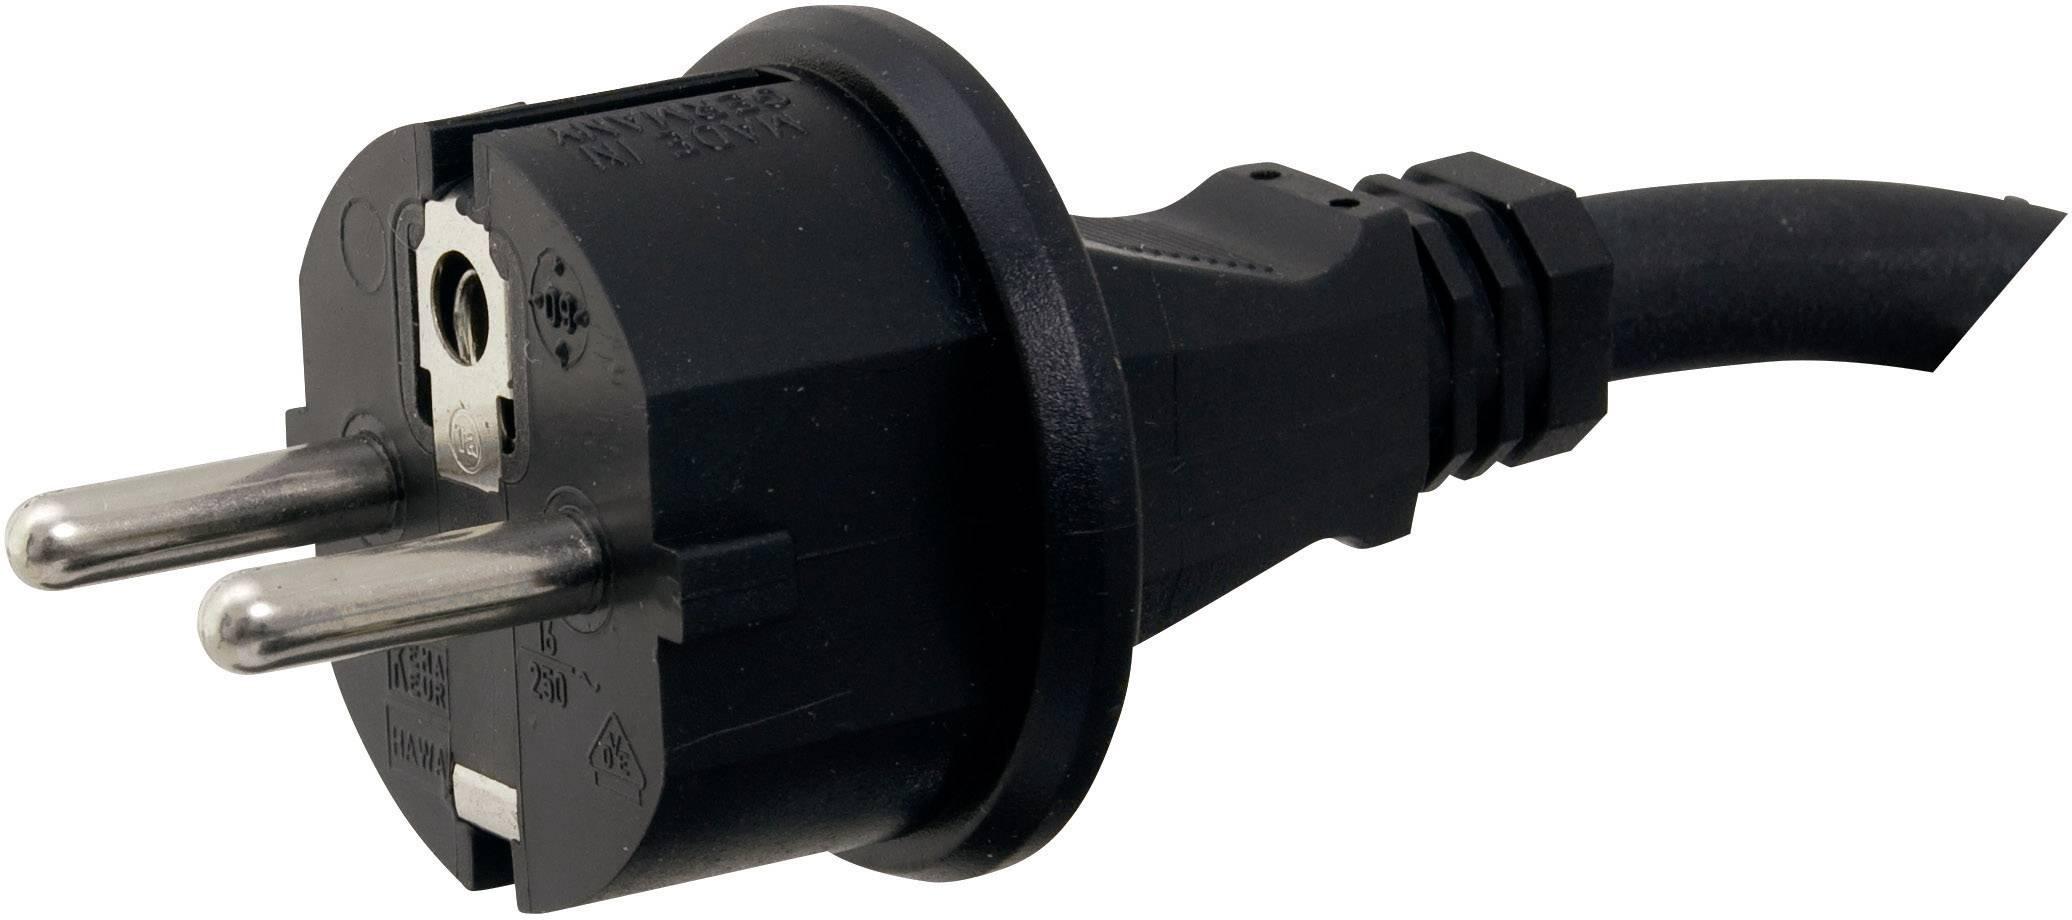 Síťový kabel Hawa, zástrčka/otevřený konec, 1,5 mm², 5 m, černá, 1008260